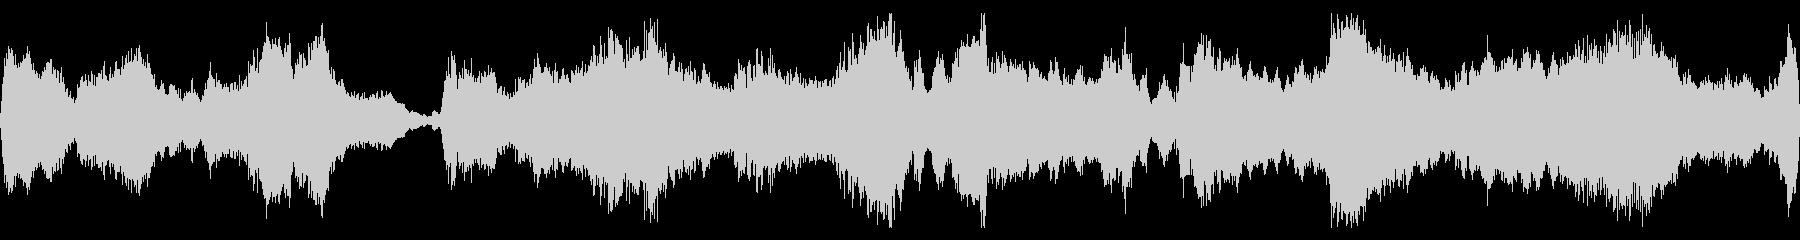 モーツァルト風の弦楽四重奏【ループ】の未再生の波形